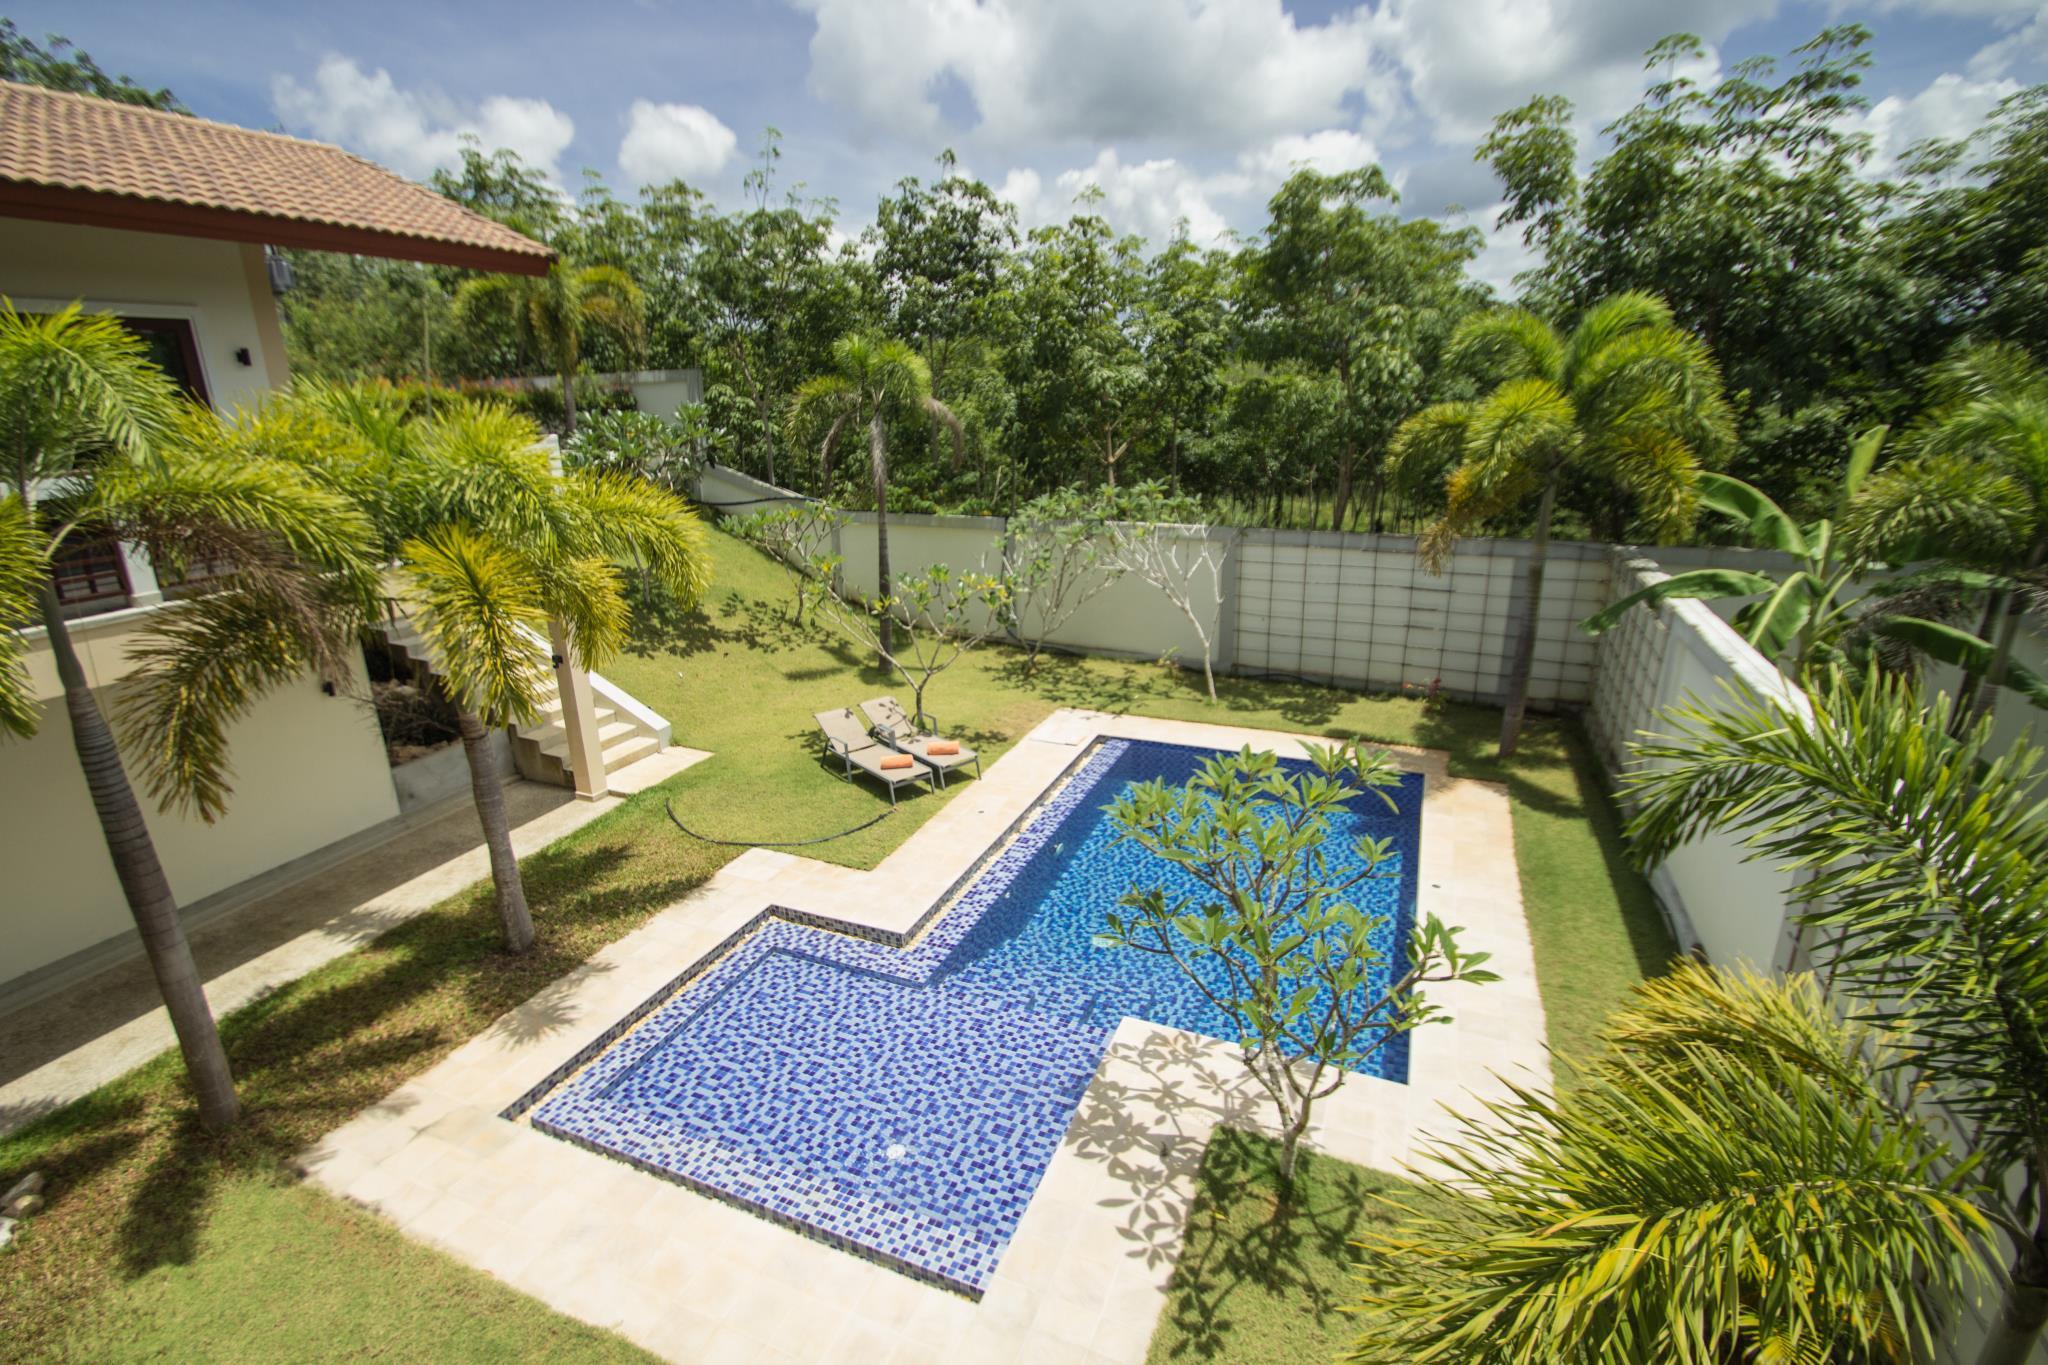 Aonanta Pool Villa Discount